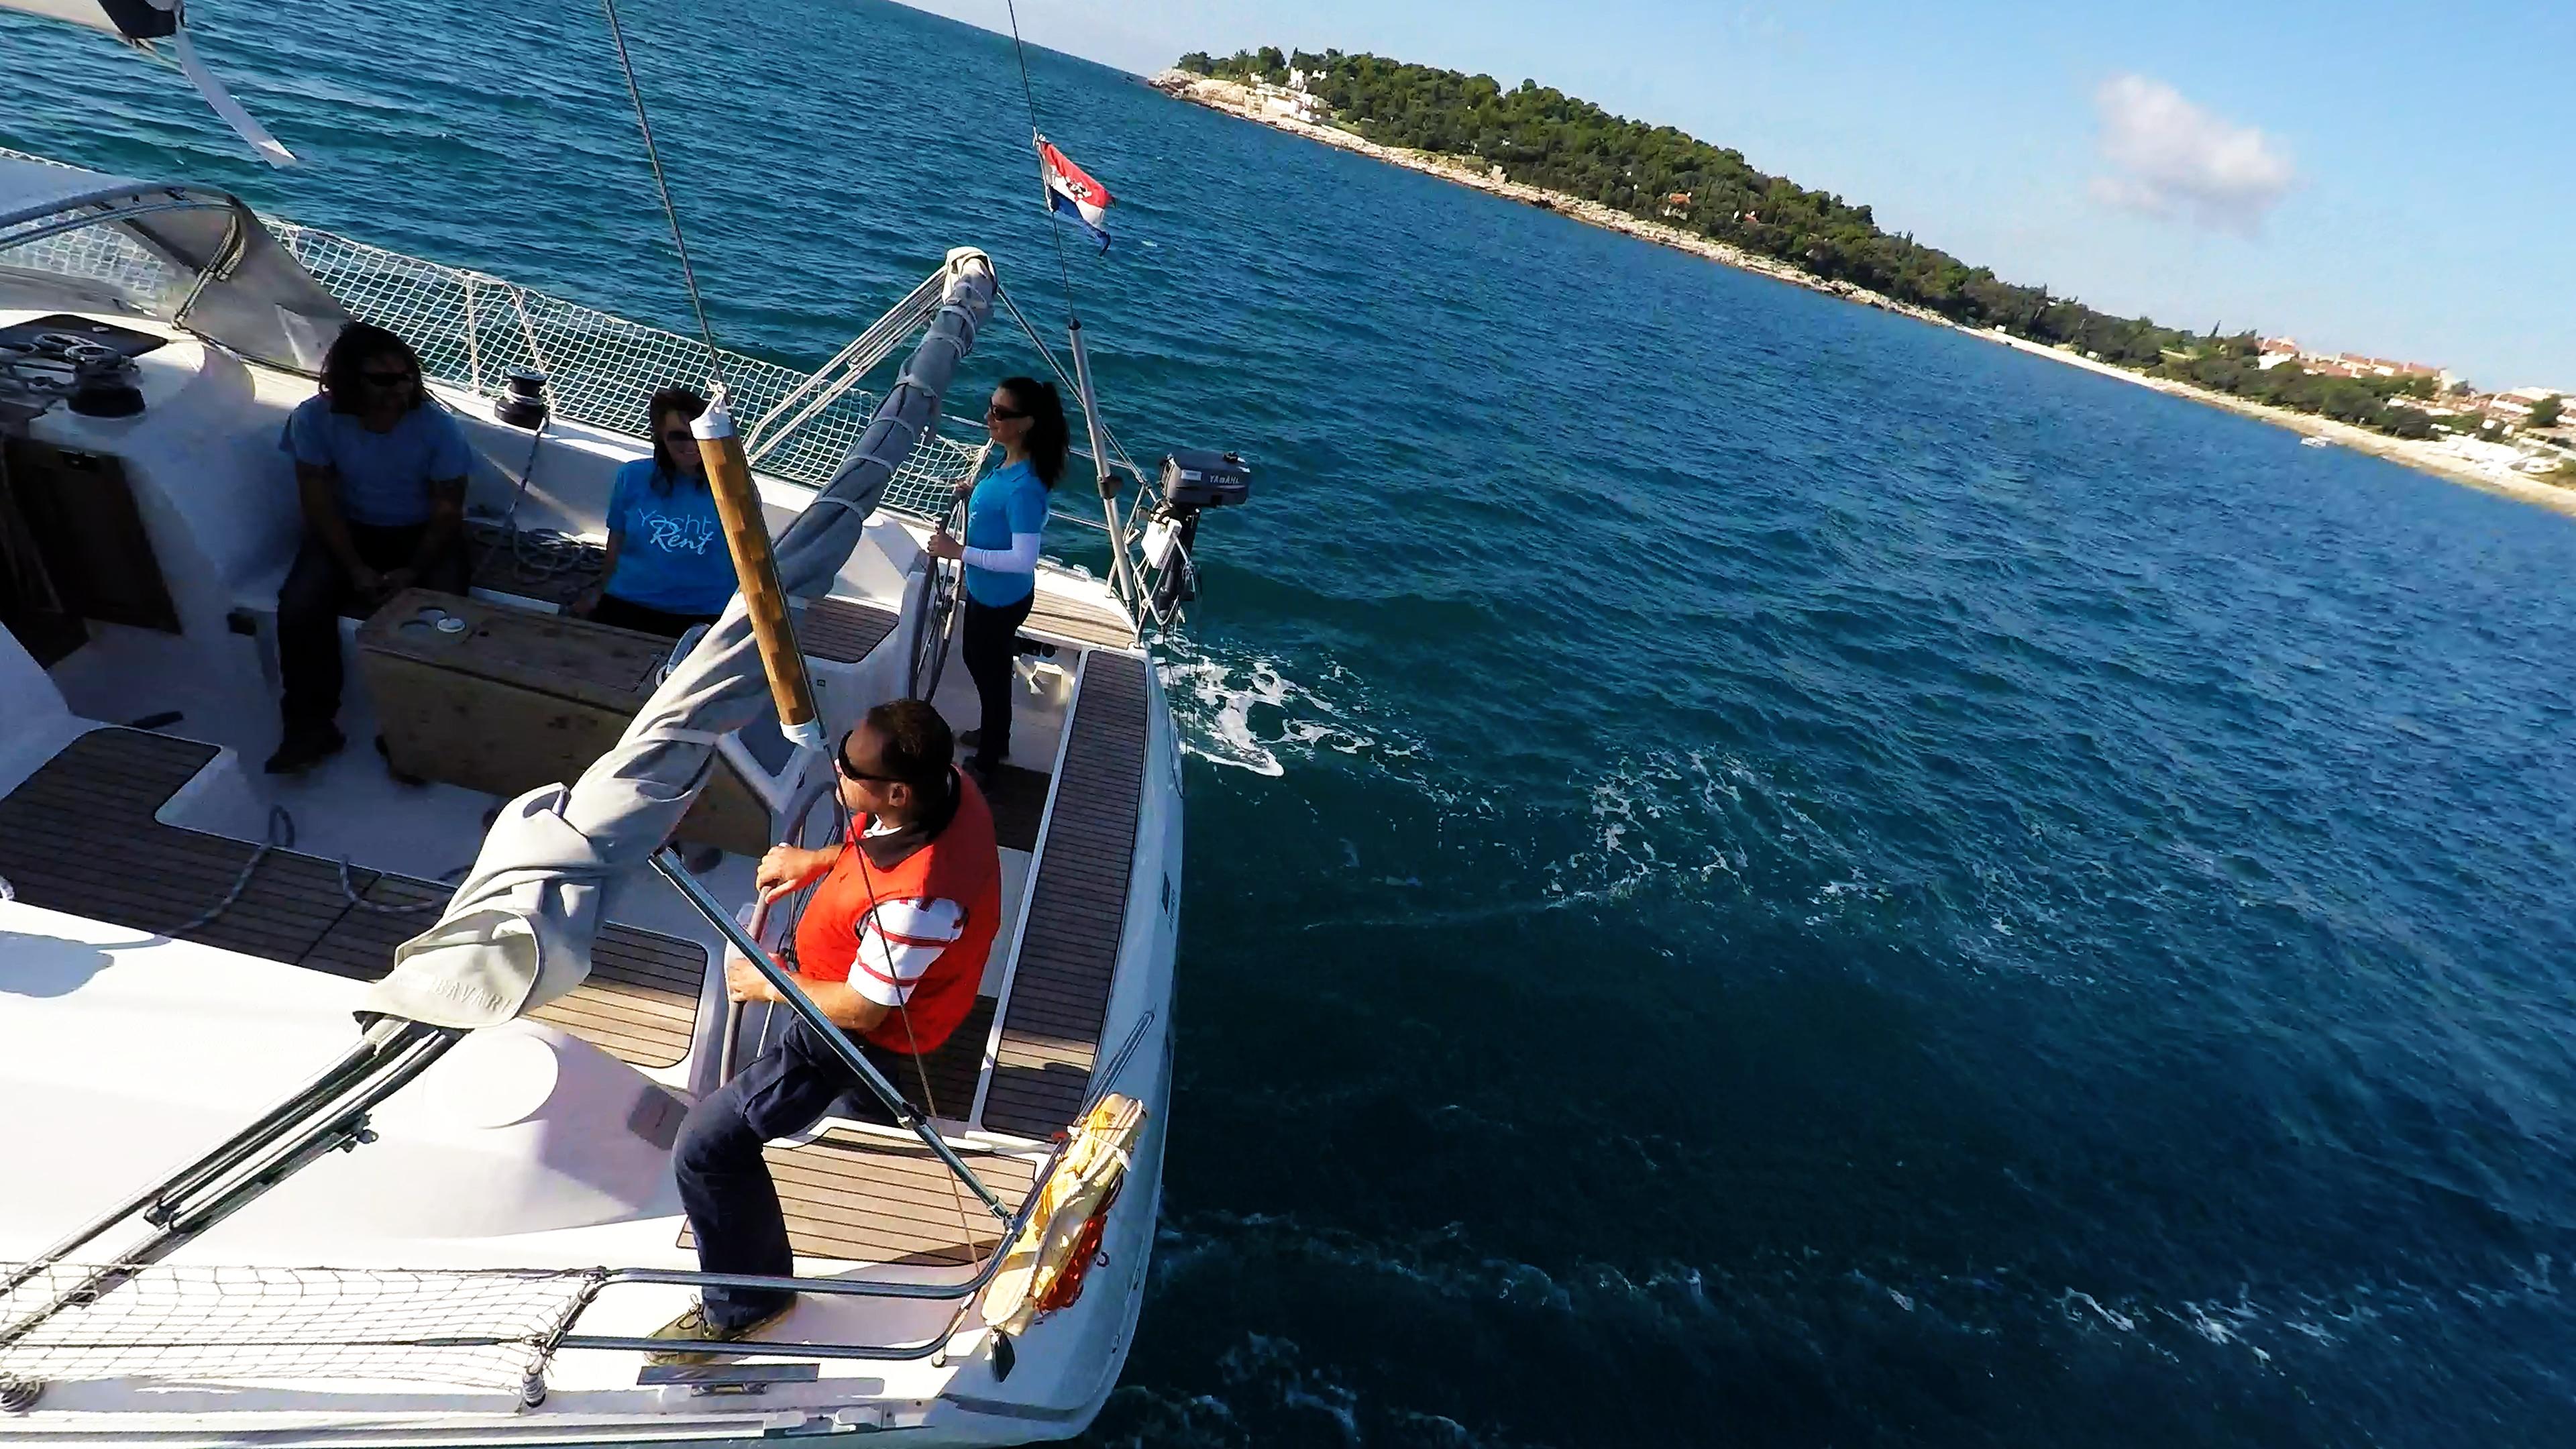 jedrilica tim posada kokpit skiper kola timuna tik tikovina